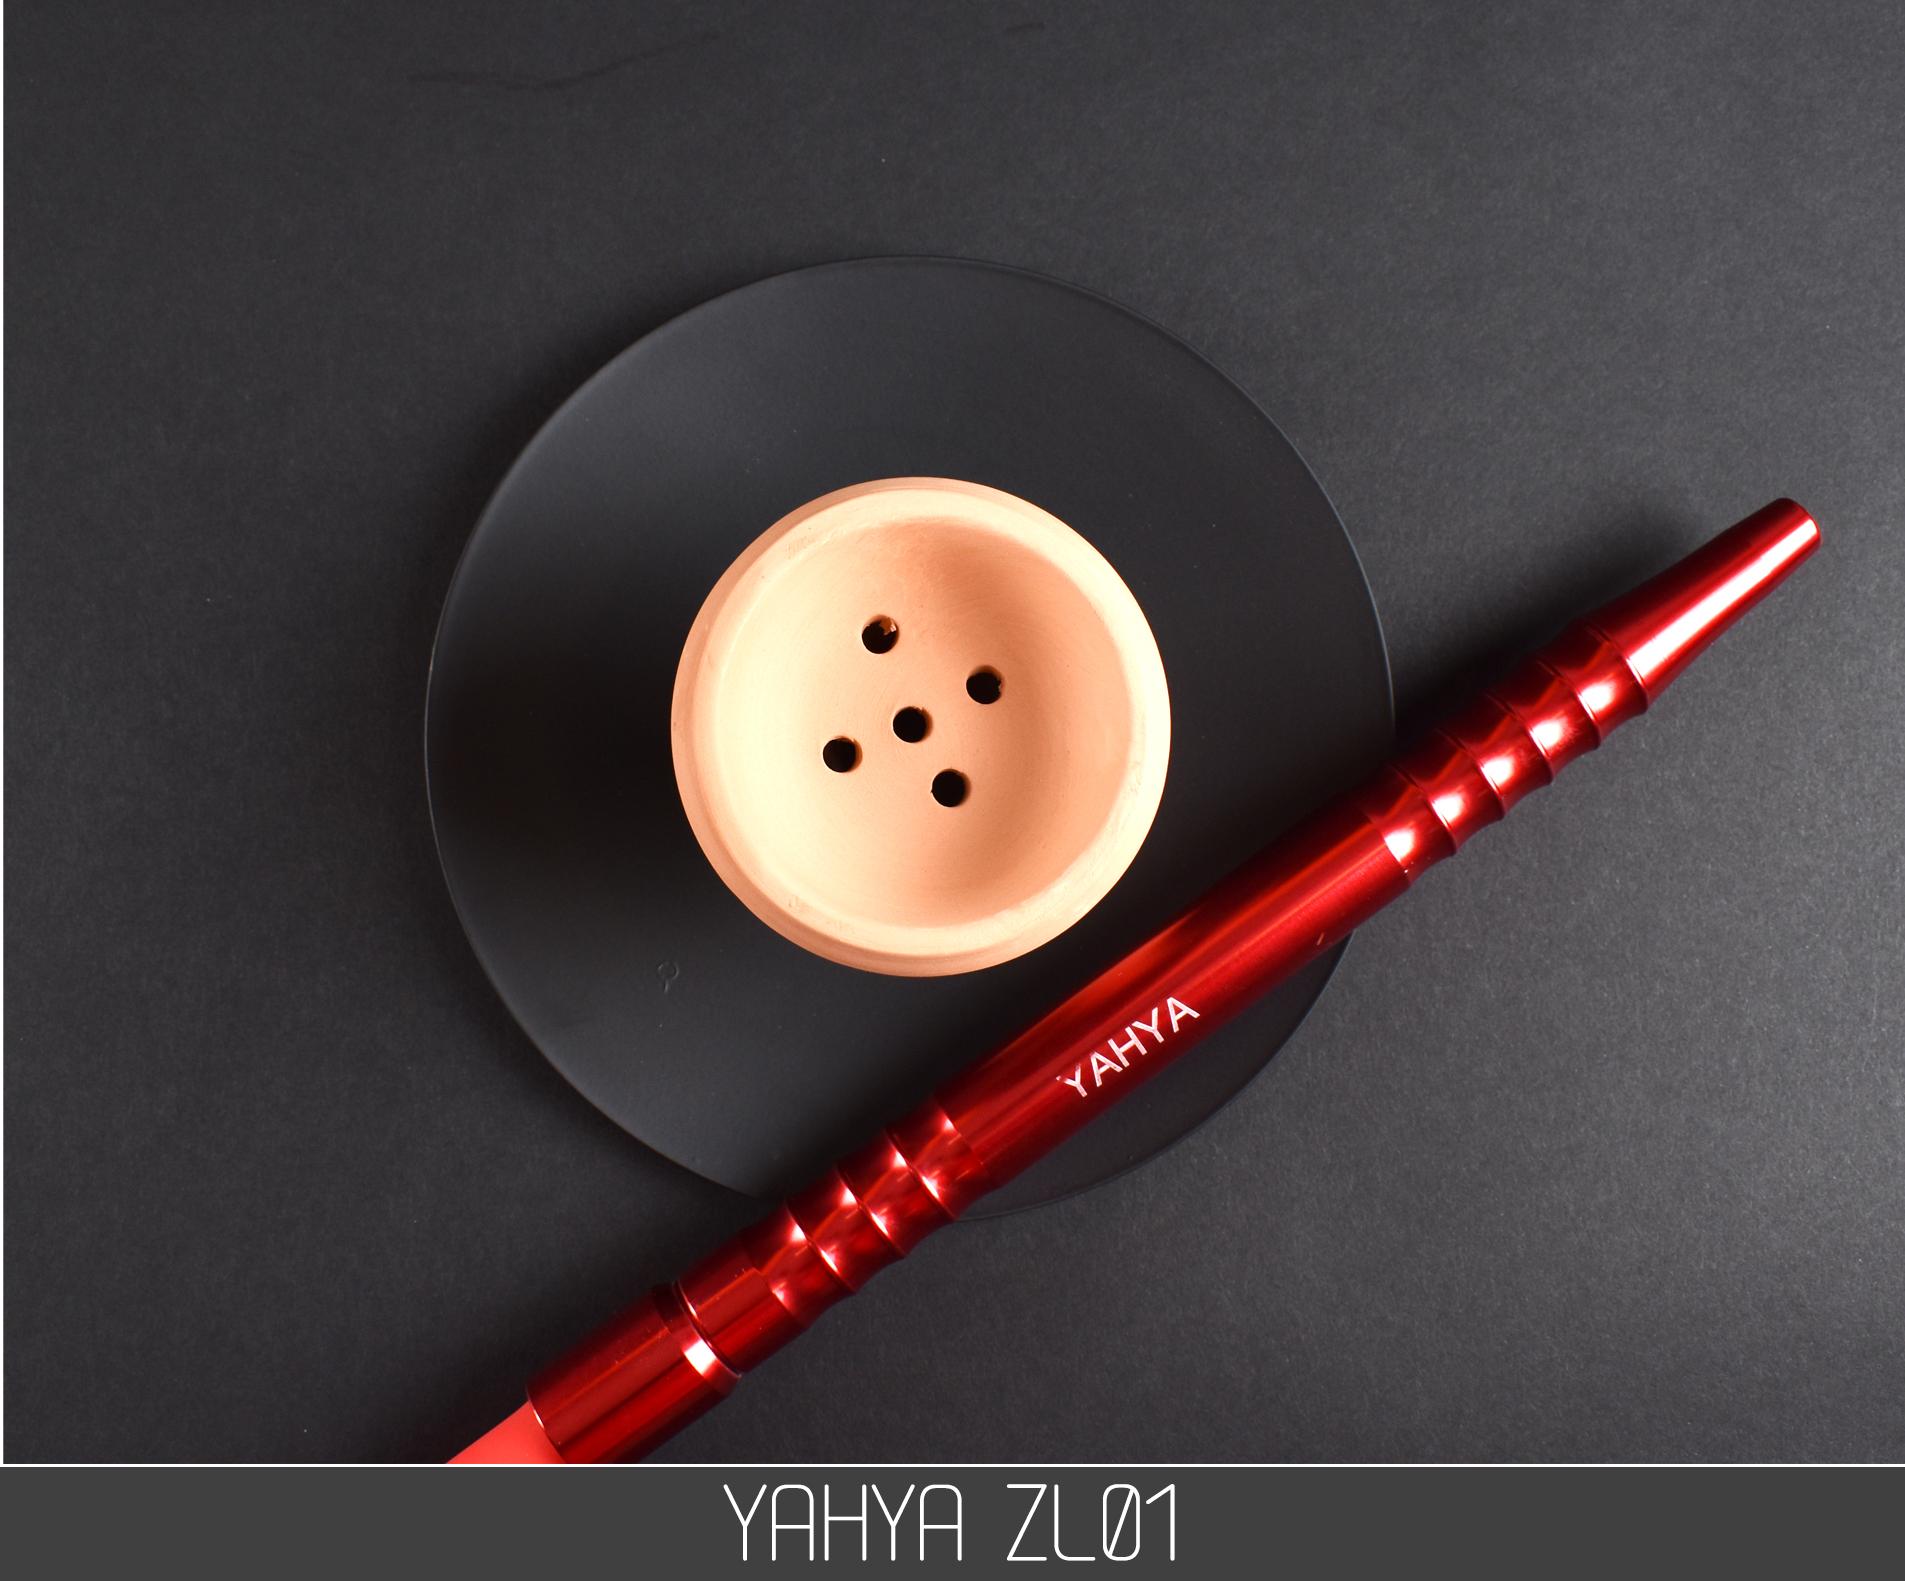 Кальян Yahya ZL01 RED - фото 6 - Kalyanchik.ua